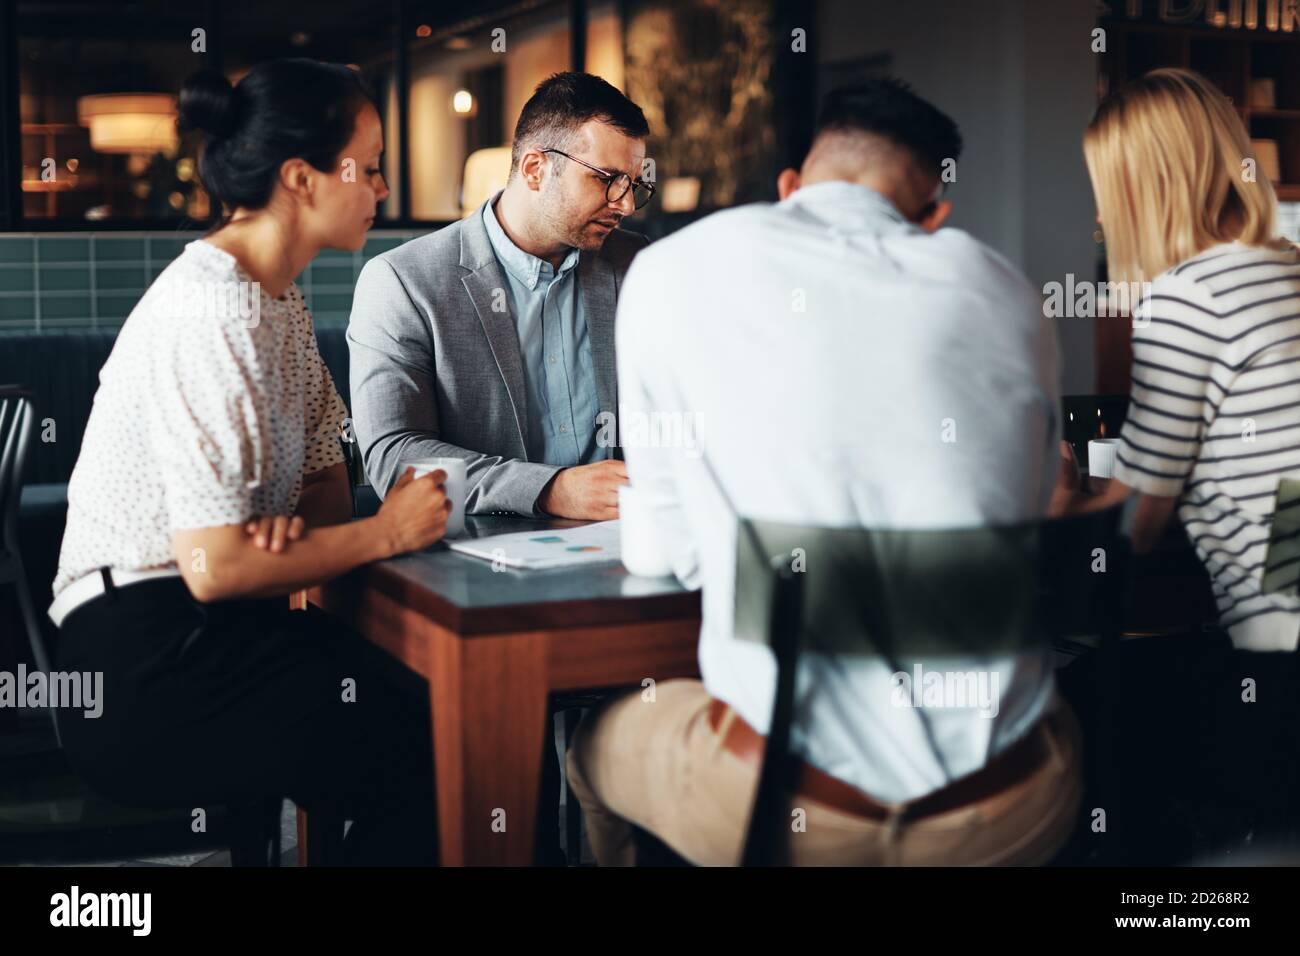 Groupe d'hommes d'affaires qui se mêle à la paperasse pendant leur café pause dans le salon d'un bureau Banque D'Images